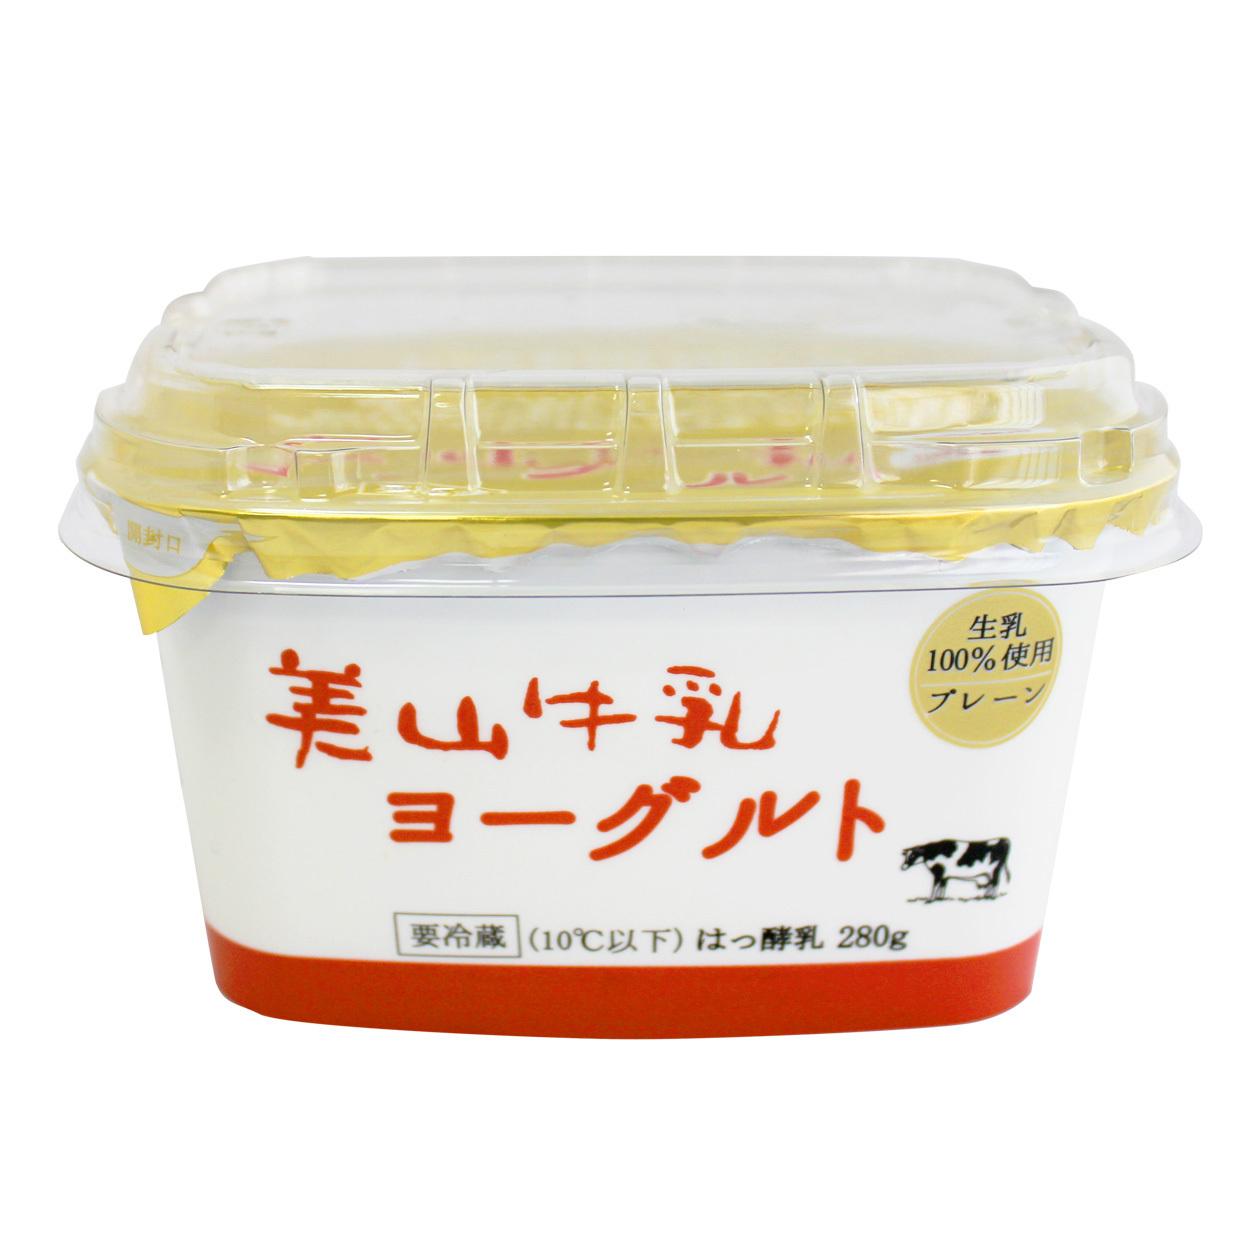 美山牛乳ヨーグルト単品